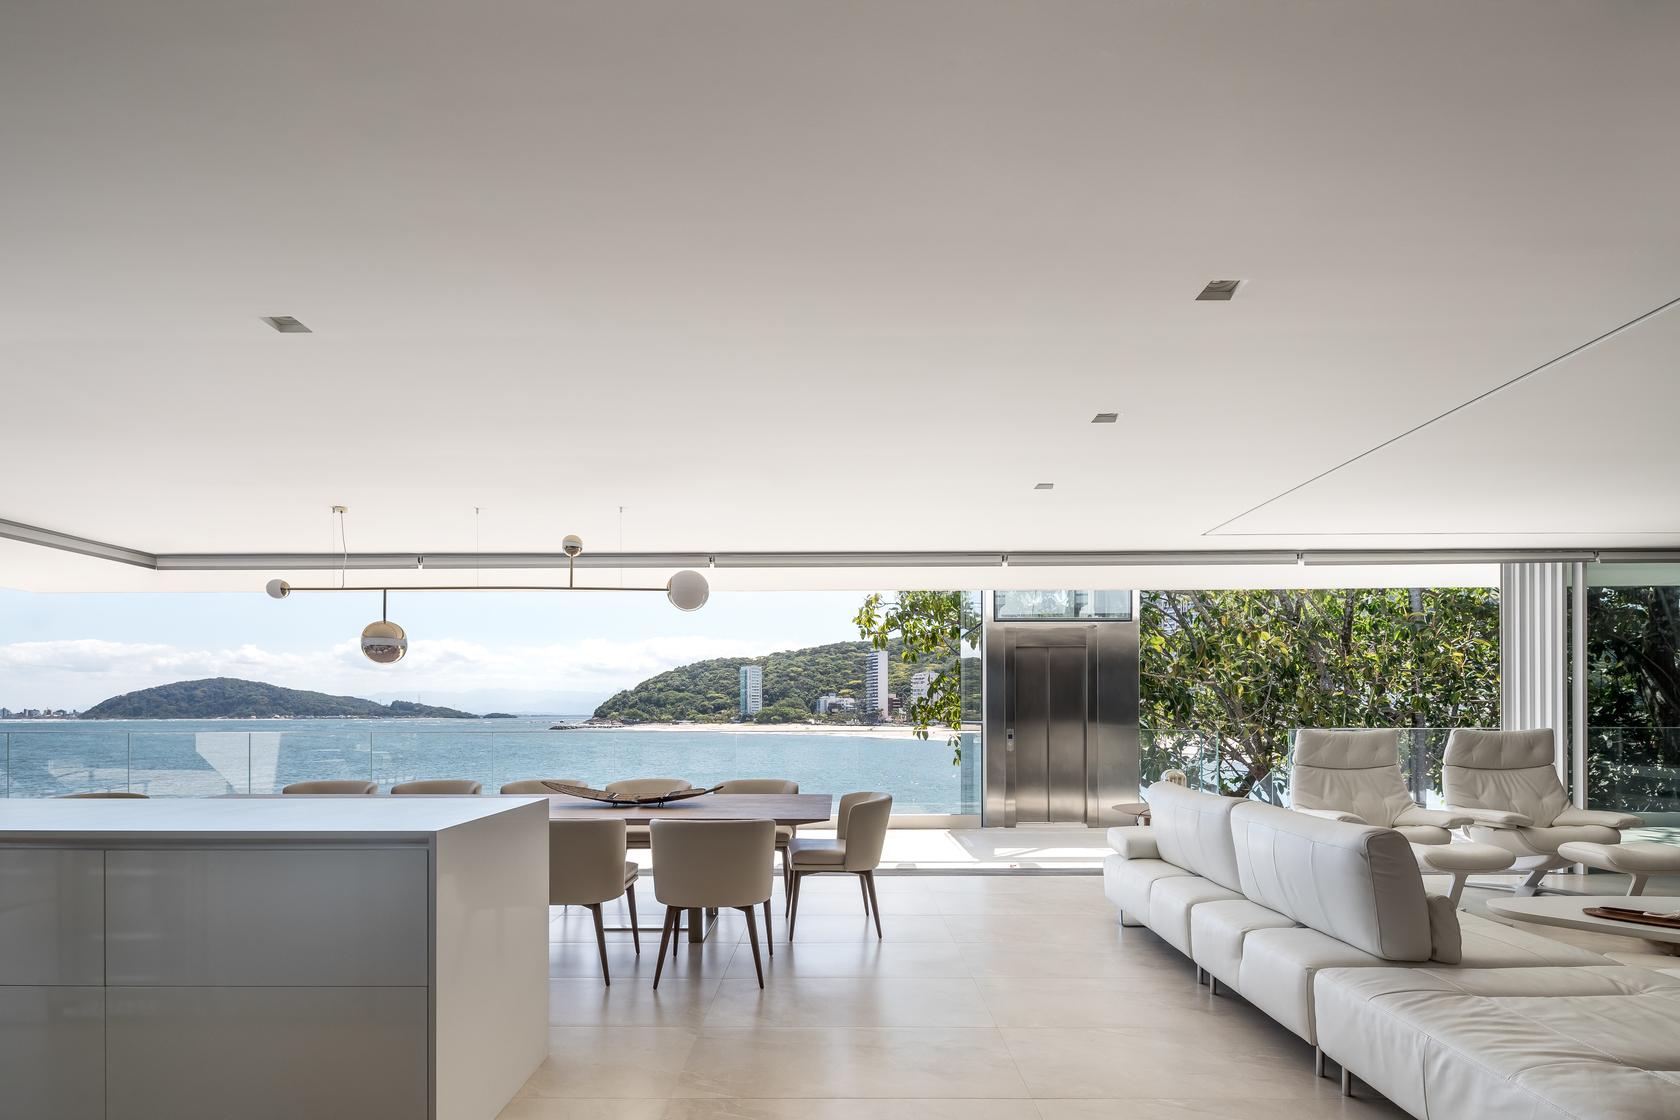 O branco da arquitetura se repete no interior, proporcionando conforto sem interferir na vista.